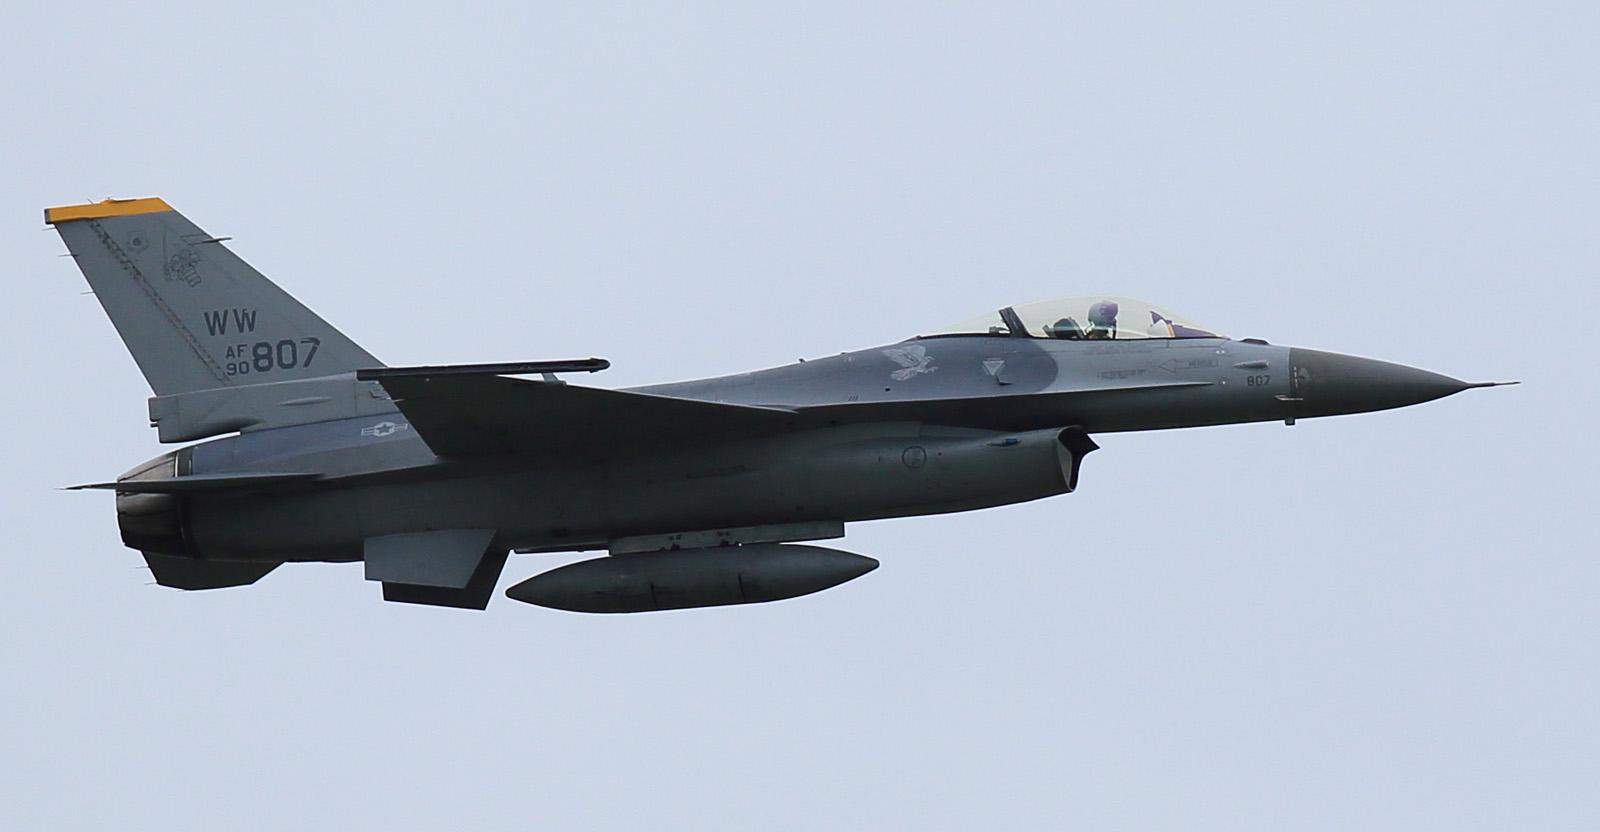 F16cm161011g008